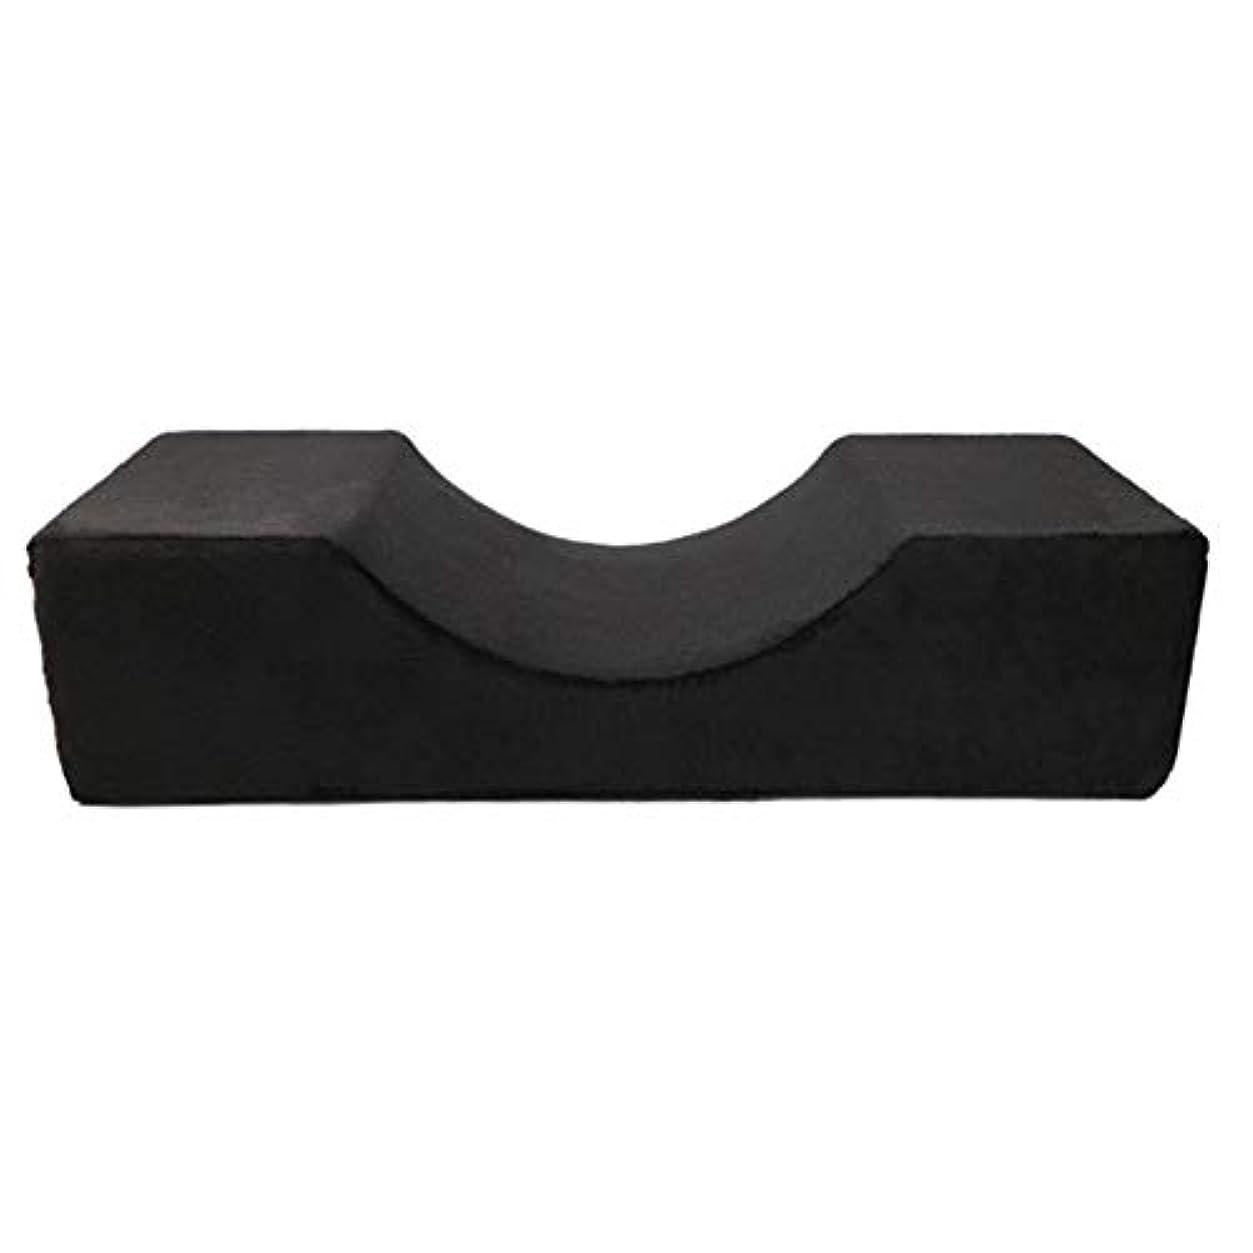 広範囲に絶滅長椅子Blulux まつげ移植美容枕PUレザー防水まつげ枕移植まつげ枕(opp袋)